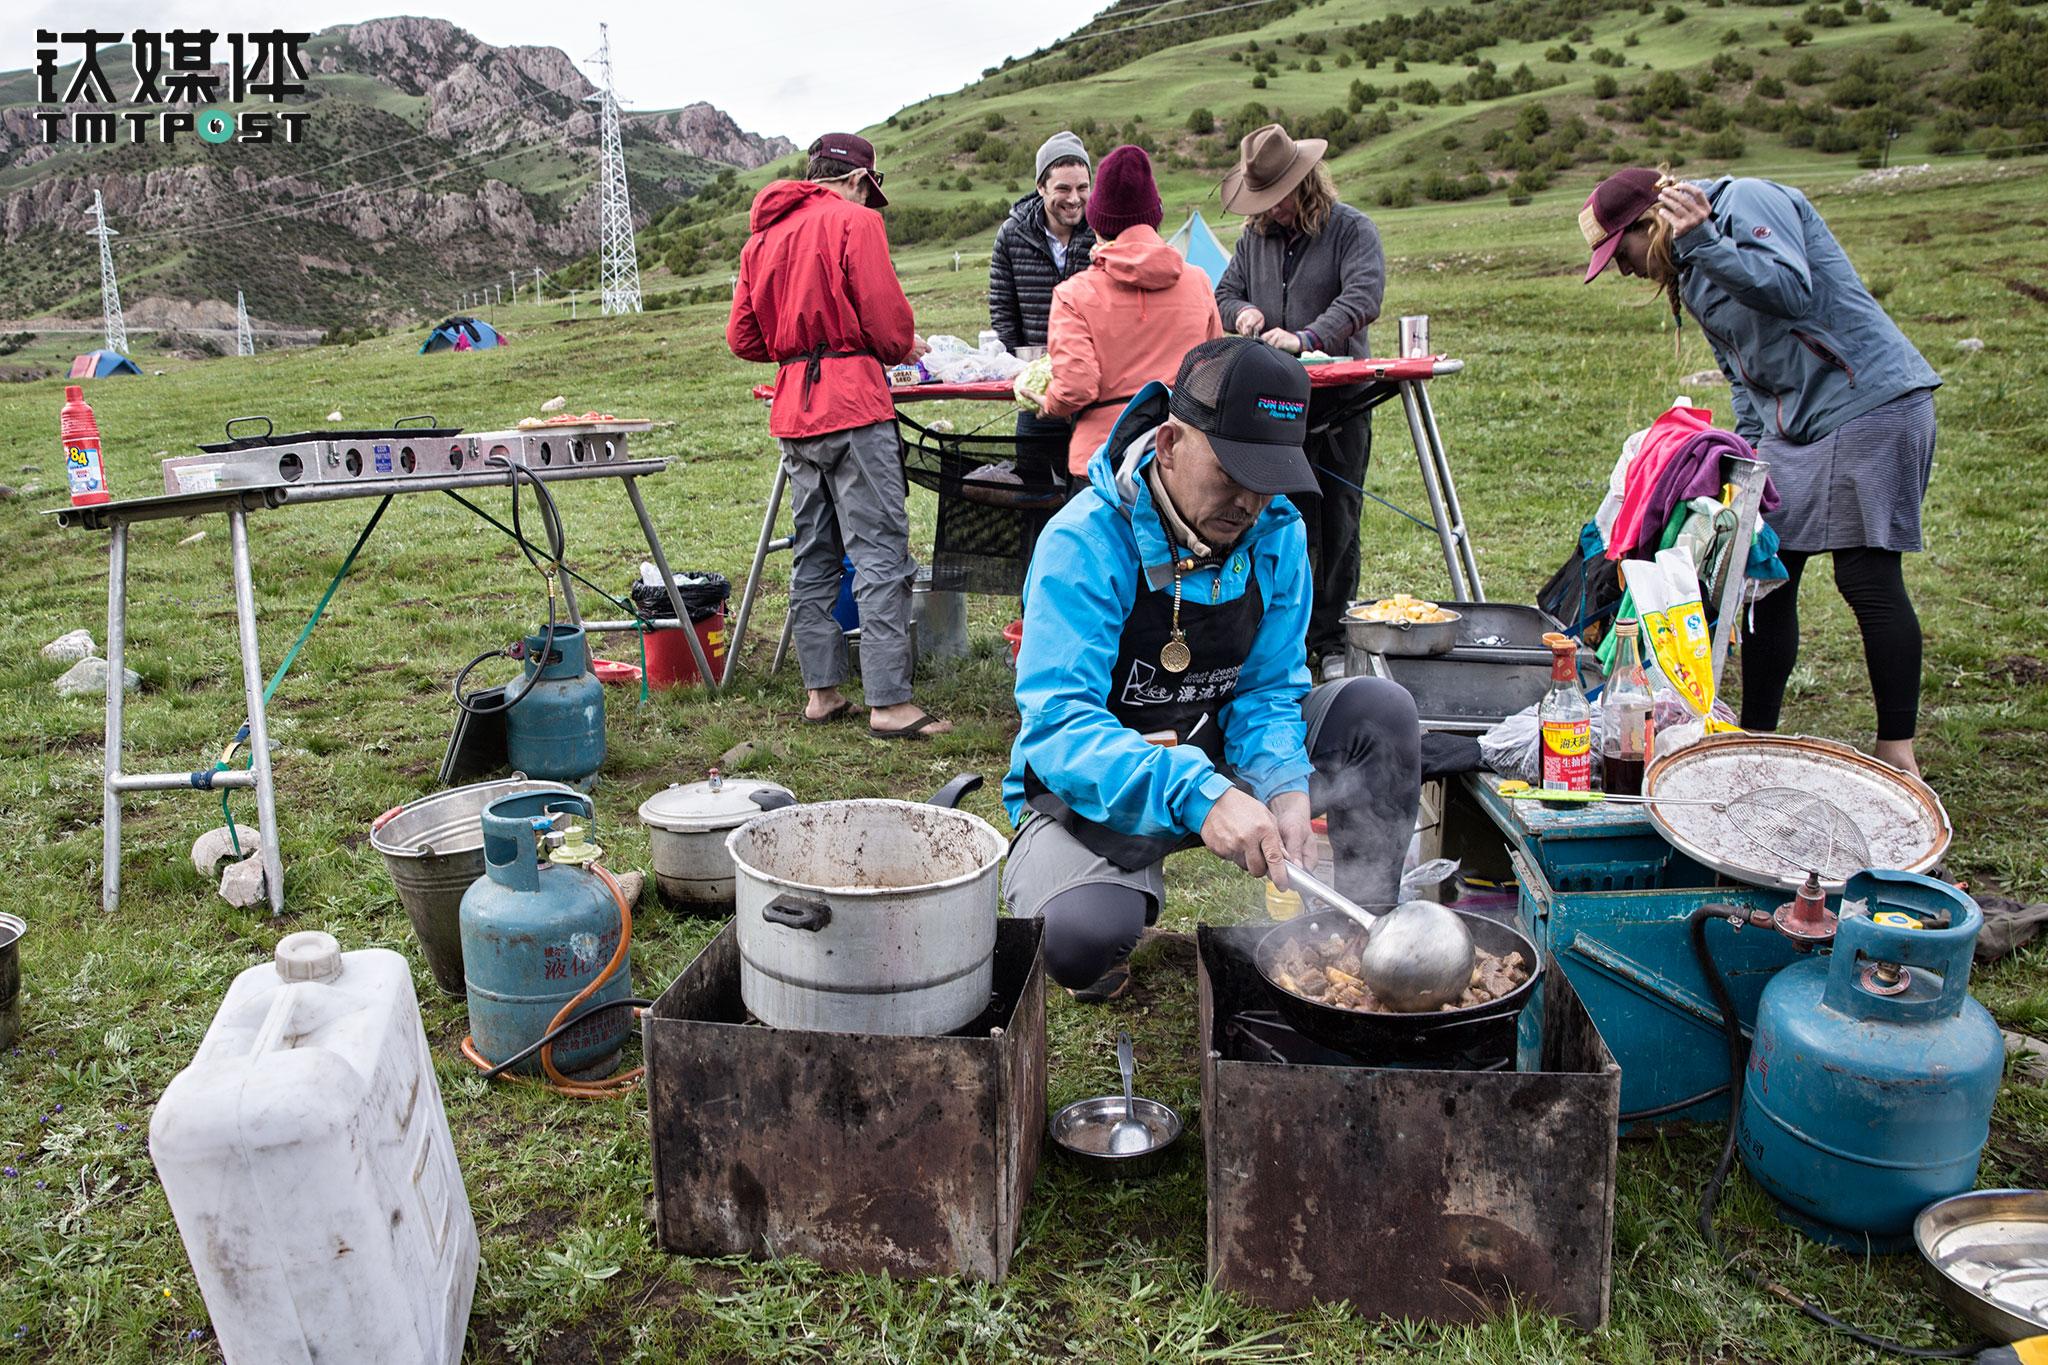 """在客人各自扎营、整理私人物品时,船长们已经开始准备晚餐。晚餐是中餐,由老汤掌勺,每顿的菜品都不一样。老汤非常喜欢研究厨艺,他曾经开过饭店,""""作为一个厨子,看到大家把我做的菜吃得干干净净,那是一种享受""""。"""